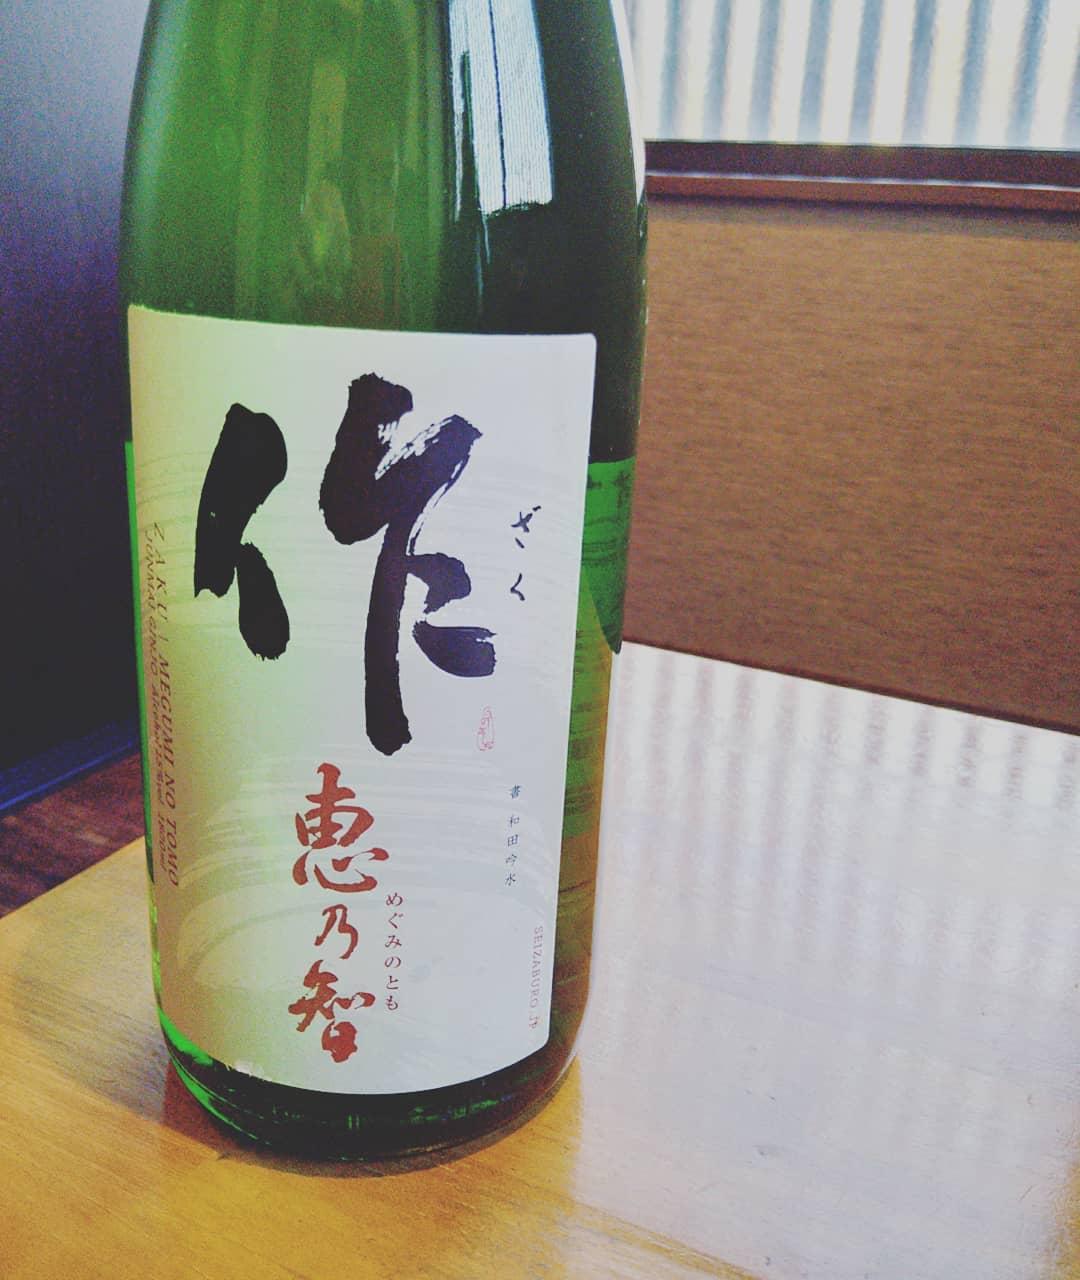 おすすめ日本酒!  2016年に開催された伊勢志摩サミットの乾杯酒として提供され、各首脳も飲んだ三重県鈴鹿市の「作(さく)」。一躍有名となり、入手困難な日本酒になってしまいましたが、探しに探し入手しました!これまで数々のコンクールで受賞をしている日本酒を是非!  作 恵乃智 純米吟醸 洋ナシの香りとしっかりとした味わいが特徴です。 冷やしてもお燗でも美味しく召し上がれます  作 恵乃智 中取り 純米大吟醸 雅乃智を製造する過程で、もろみを搾る際最初に出た荒走りと最後の責めの部分を除いた一番クリアな中取りのみを詰めたお酒です。 雅乃智の特徴が更に極まったデリケートでエレガントな味わいが特徴です。 冷やしがオススメ♪  #熊谷テイクアウト #作美味い! #お宮参り 0485774062 バイト募集!